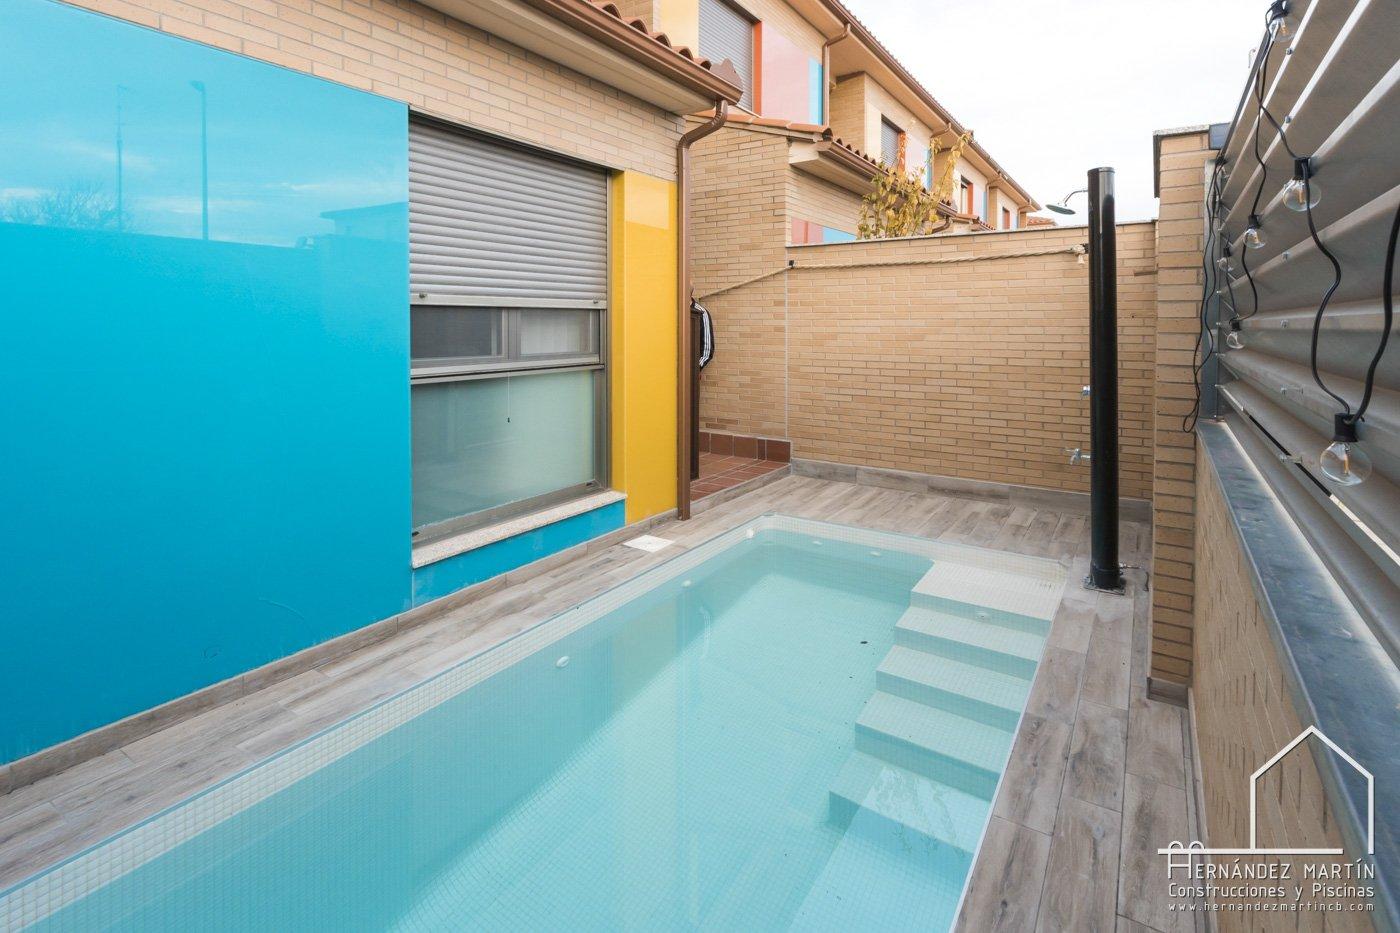 hernandez martin construcciones y piscinas experiencia obra piscina zamora salamanca valladolid patio pequeña adosado